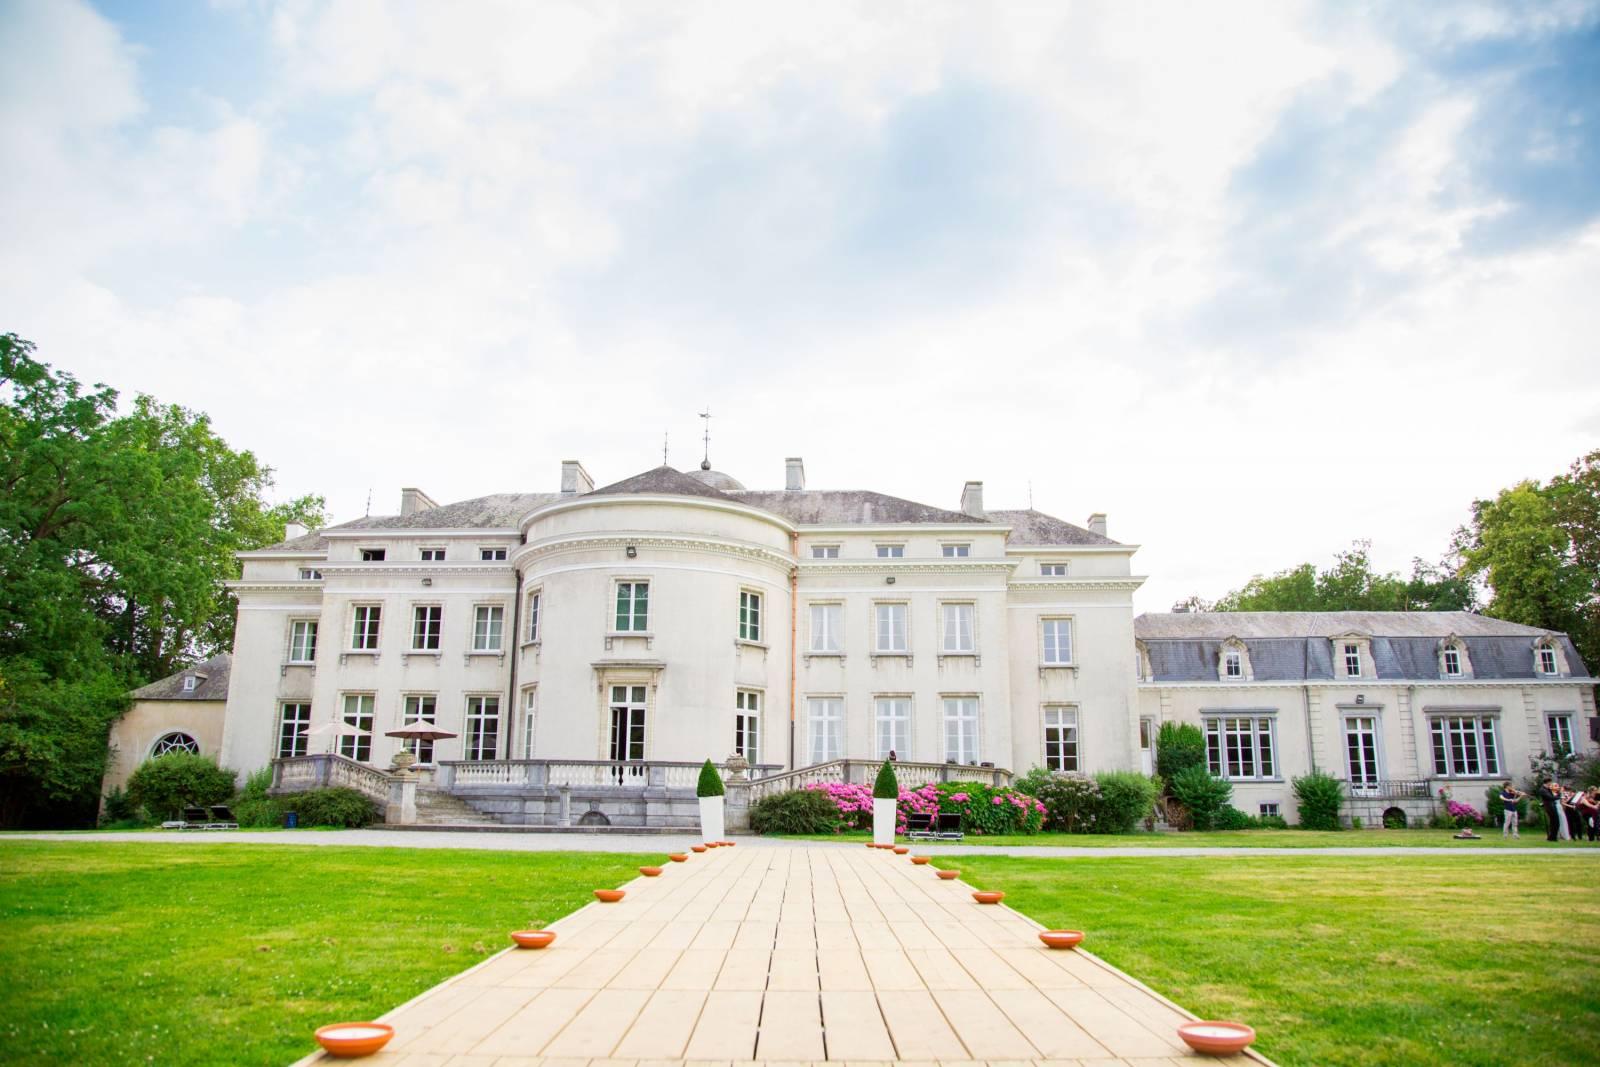 Trouwkasteel - Feestzaal - House of Weddings - 1